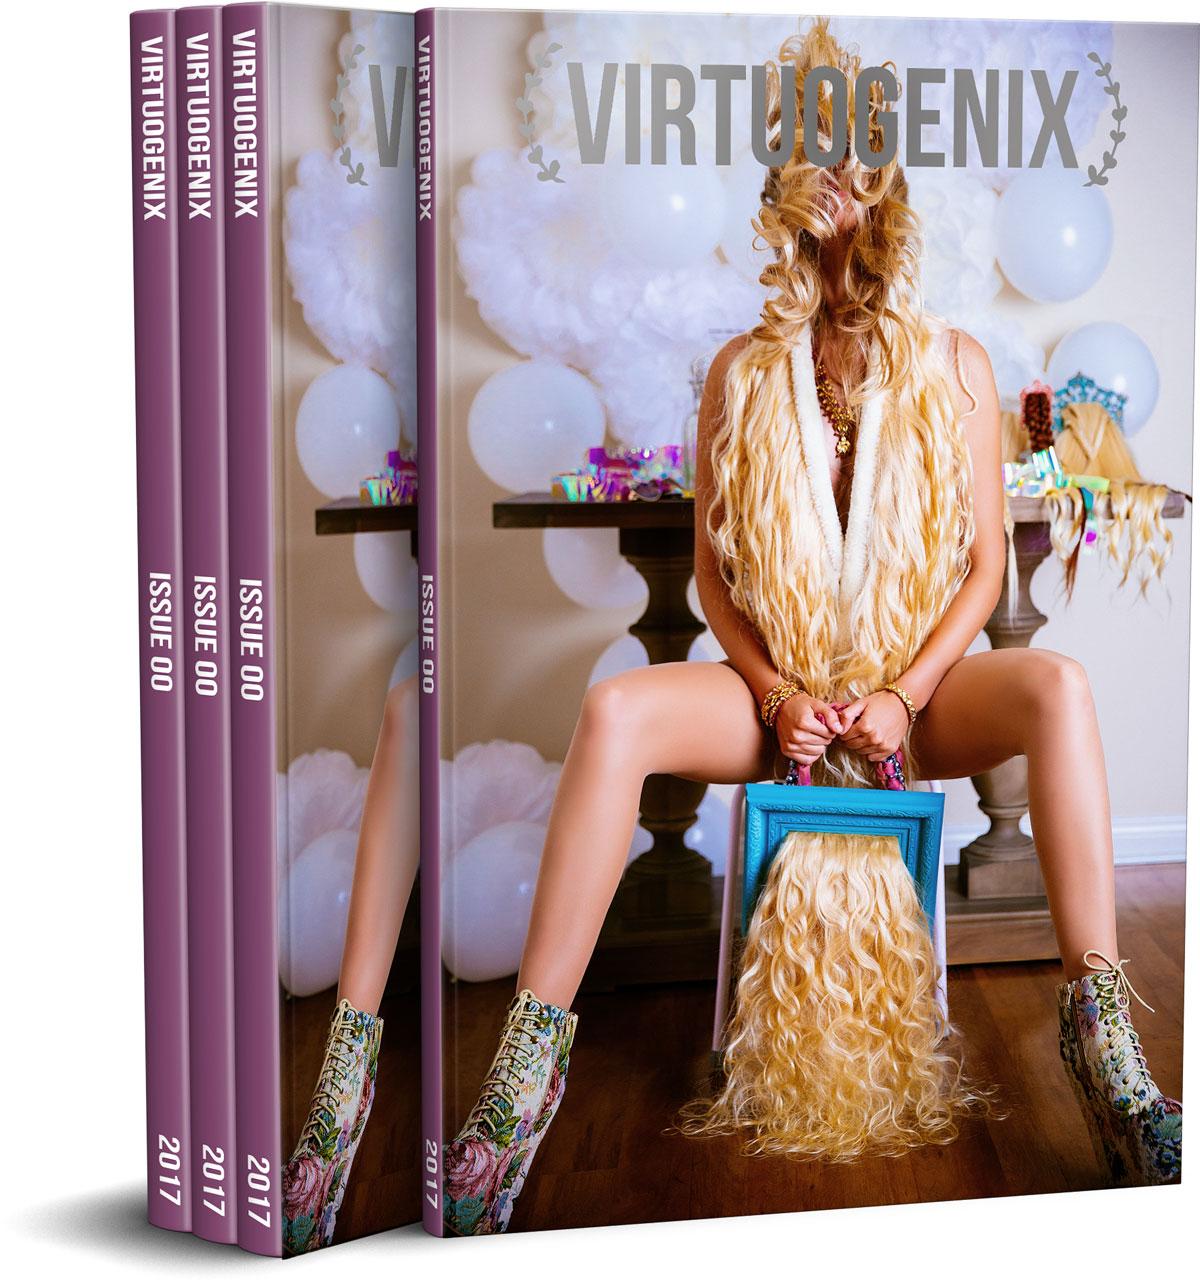 Virtuogenix Magazine - Terese Pagh